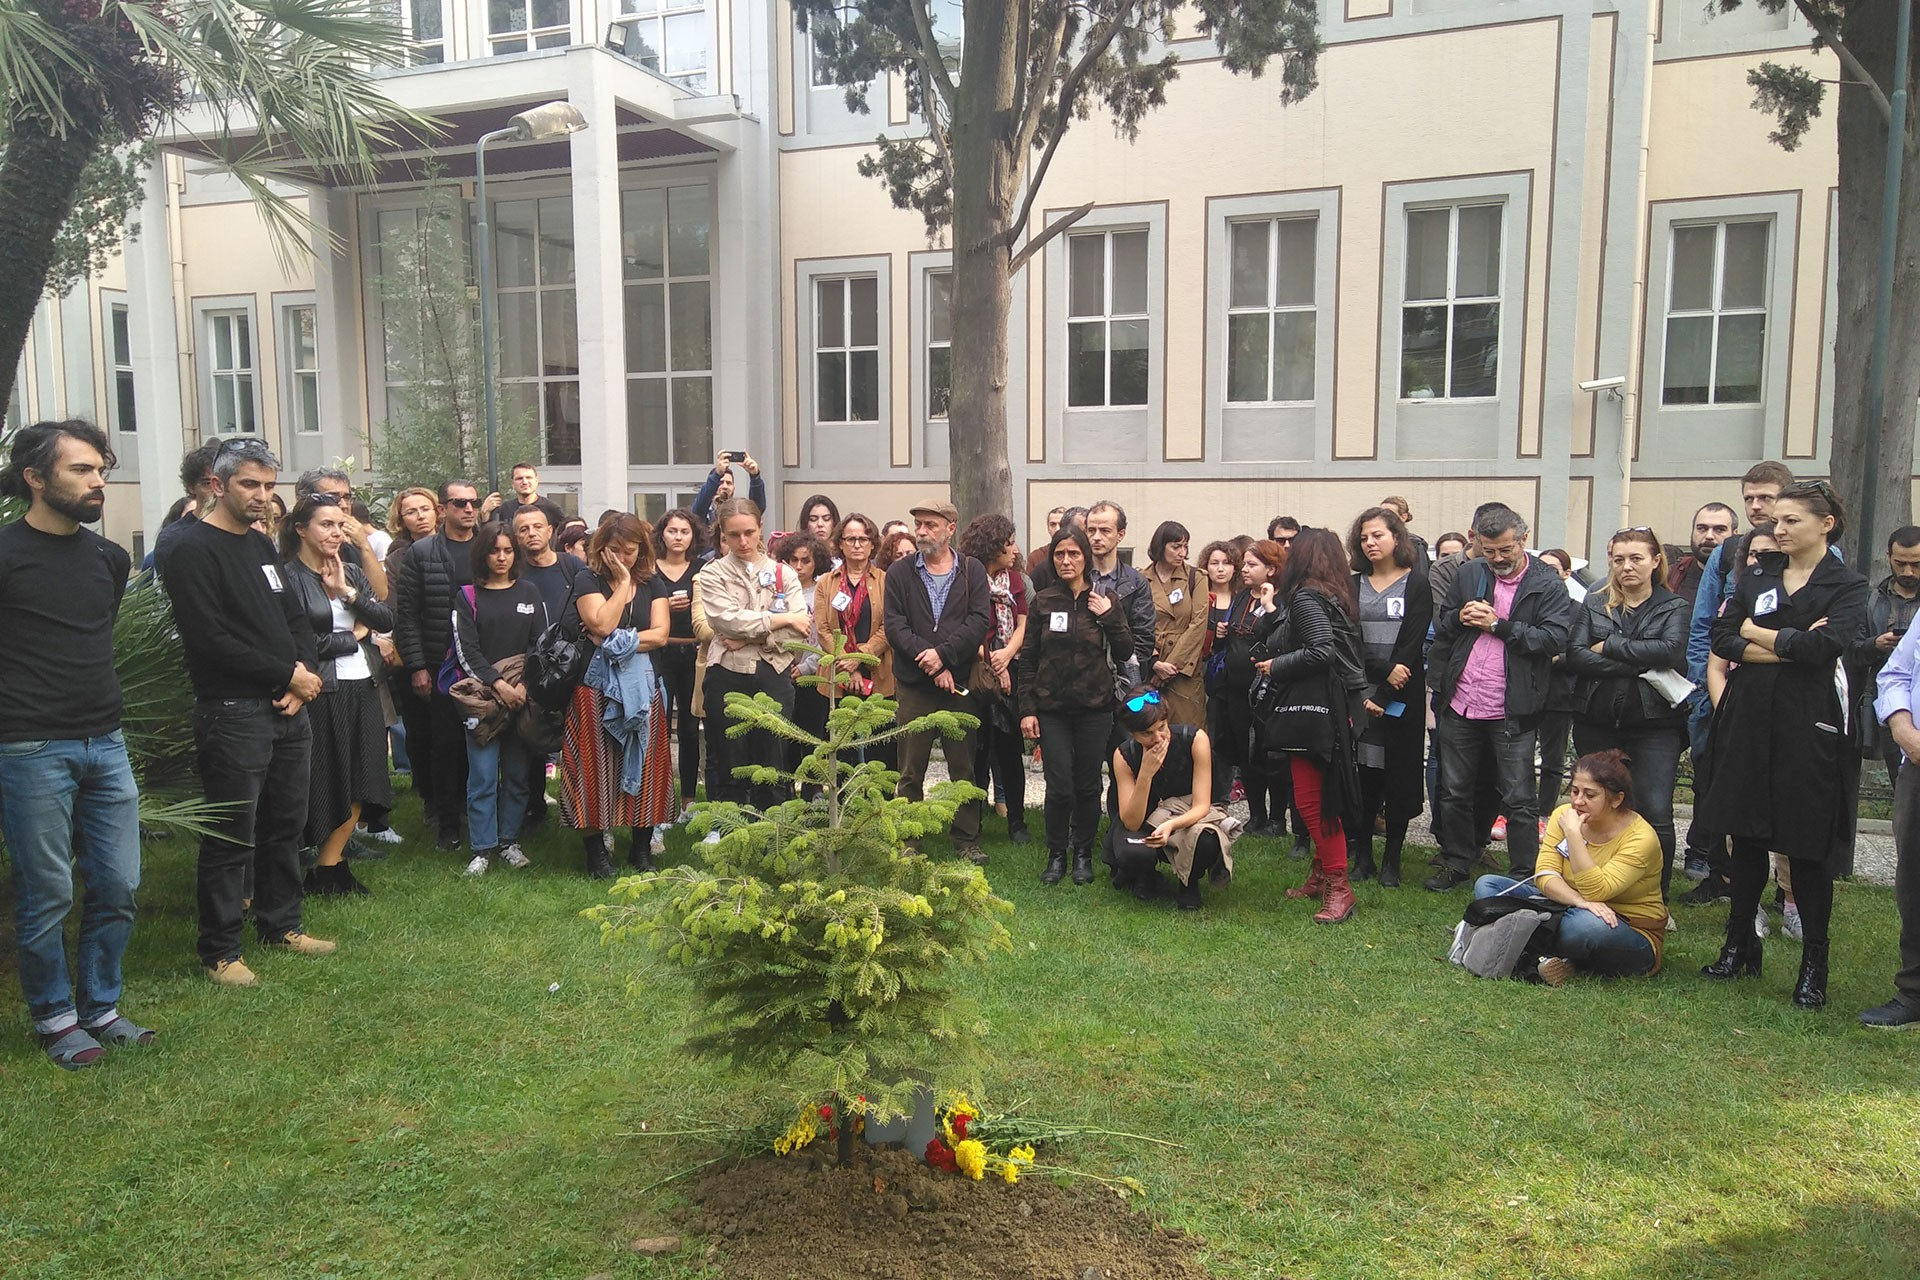 Mimar Sinan Güzel Sanatlar Üniversitesinde Oya Yetişkin için yapılan anma